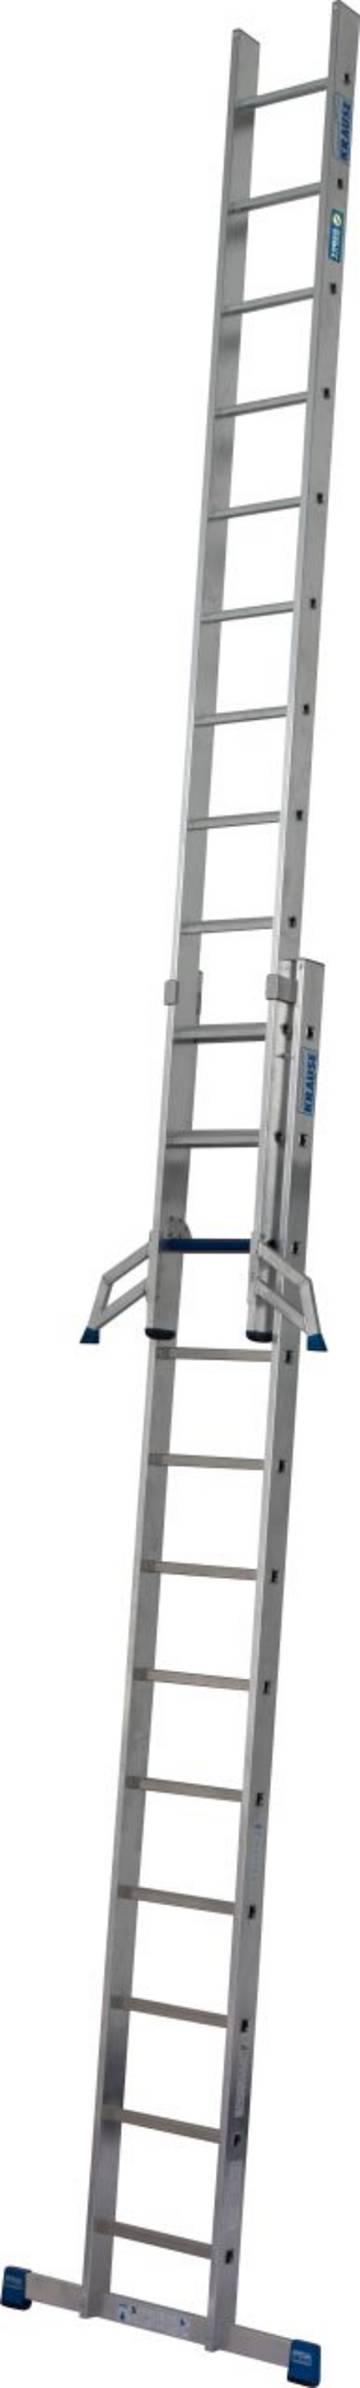 Стабильная, двухкомпонентная раздвижная лестница с комбинацией перекладина/ступень для применения в соответствии с TRBS 2121-2. Новая инновационная комбинация ступеней и перекладин в лестнице можетиспользоваться при подъеме и как рабочее место.. При помощи инновационной системы KRAUSE Trigon-траверса части лестницы раздвижной лестница 2 x 12 могут использоваться отдельно.